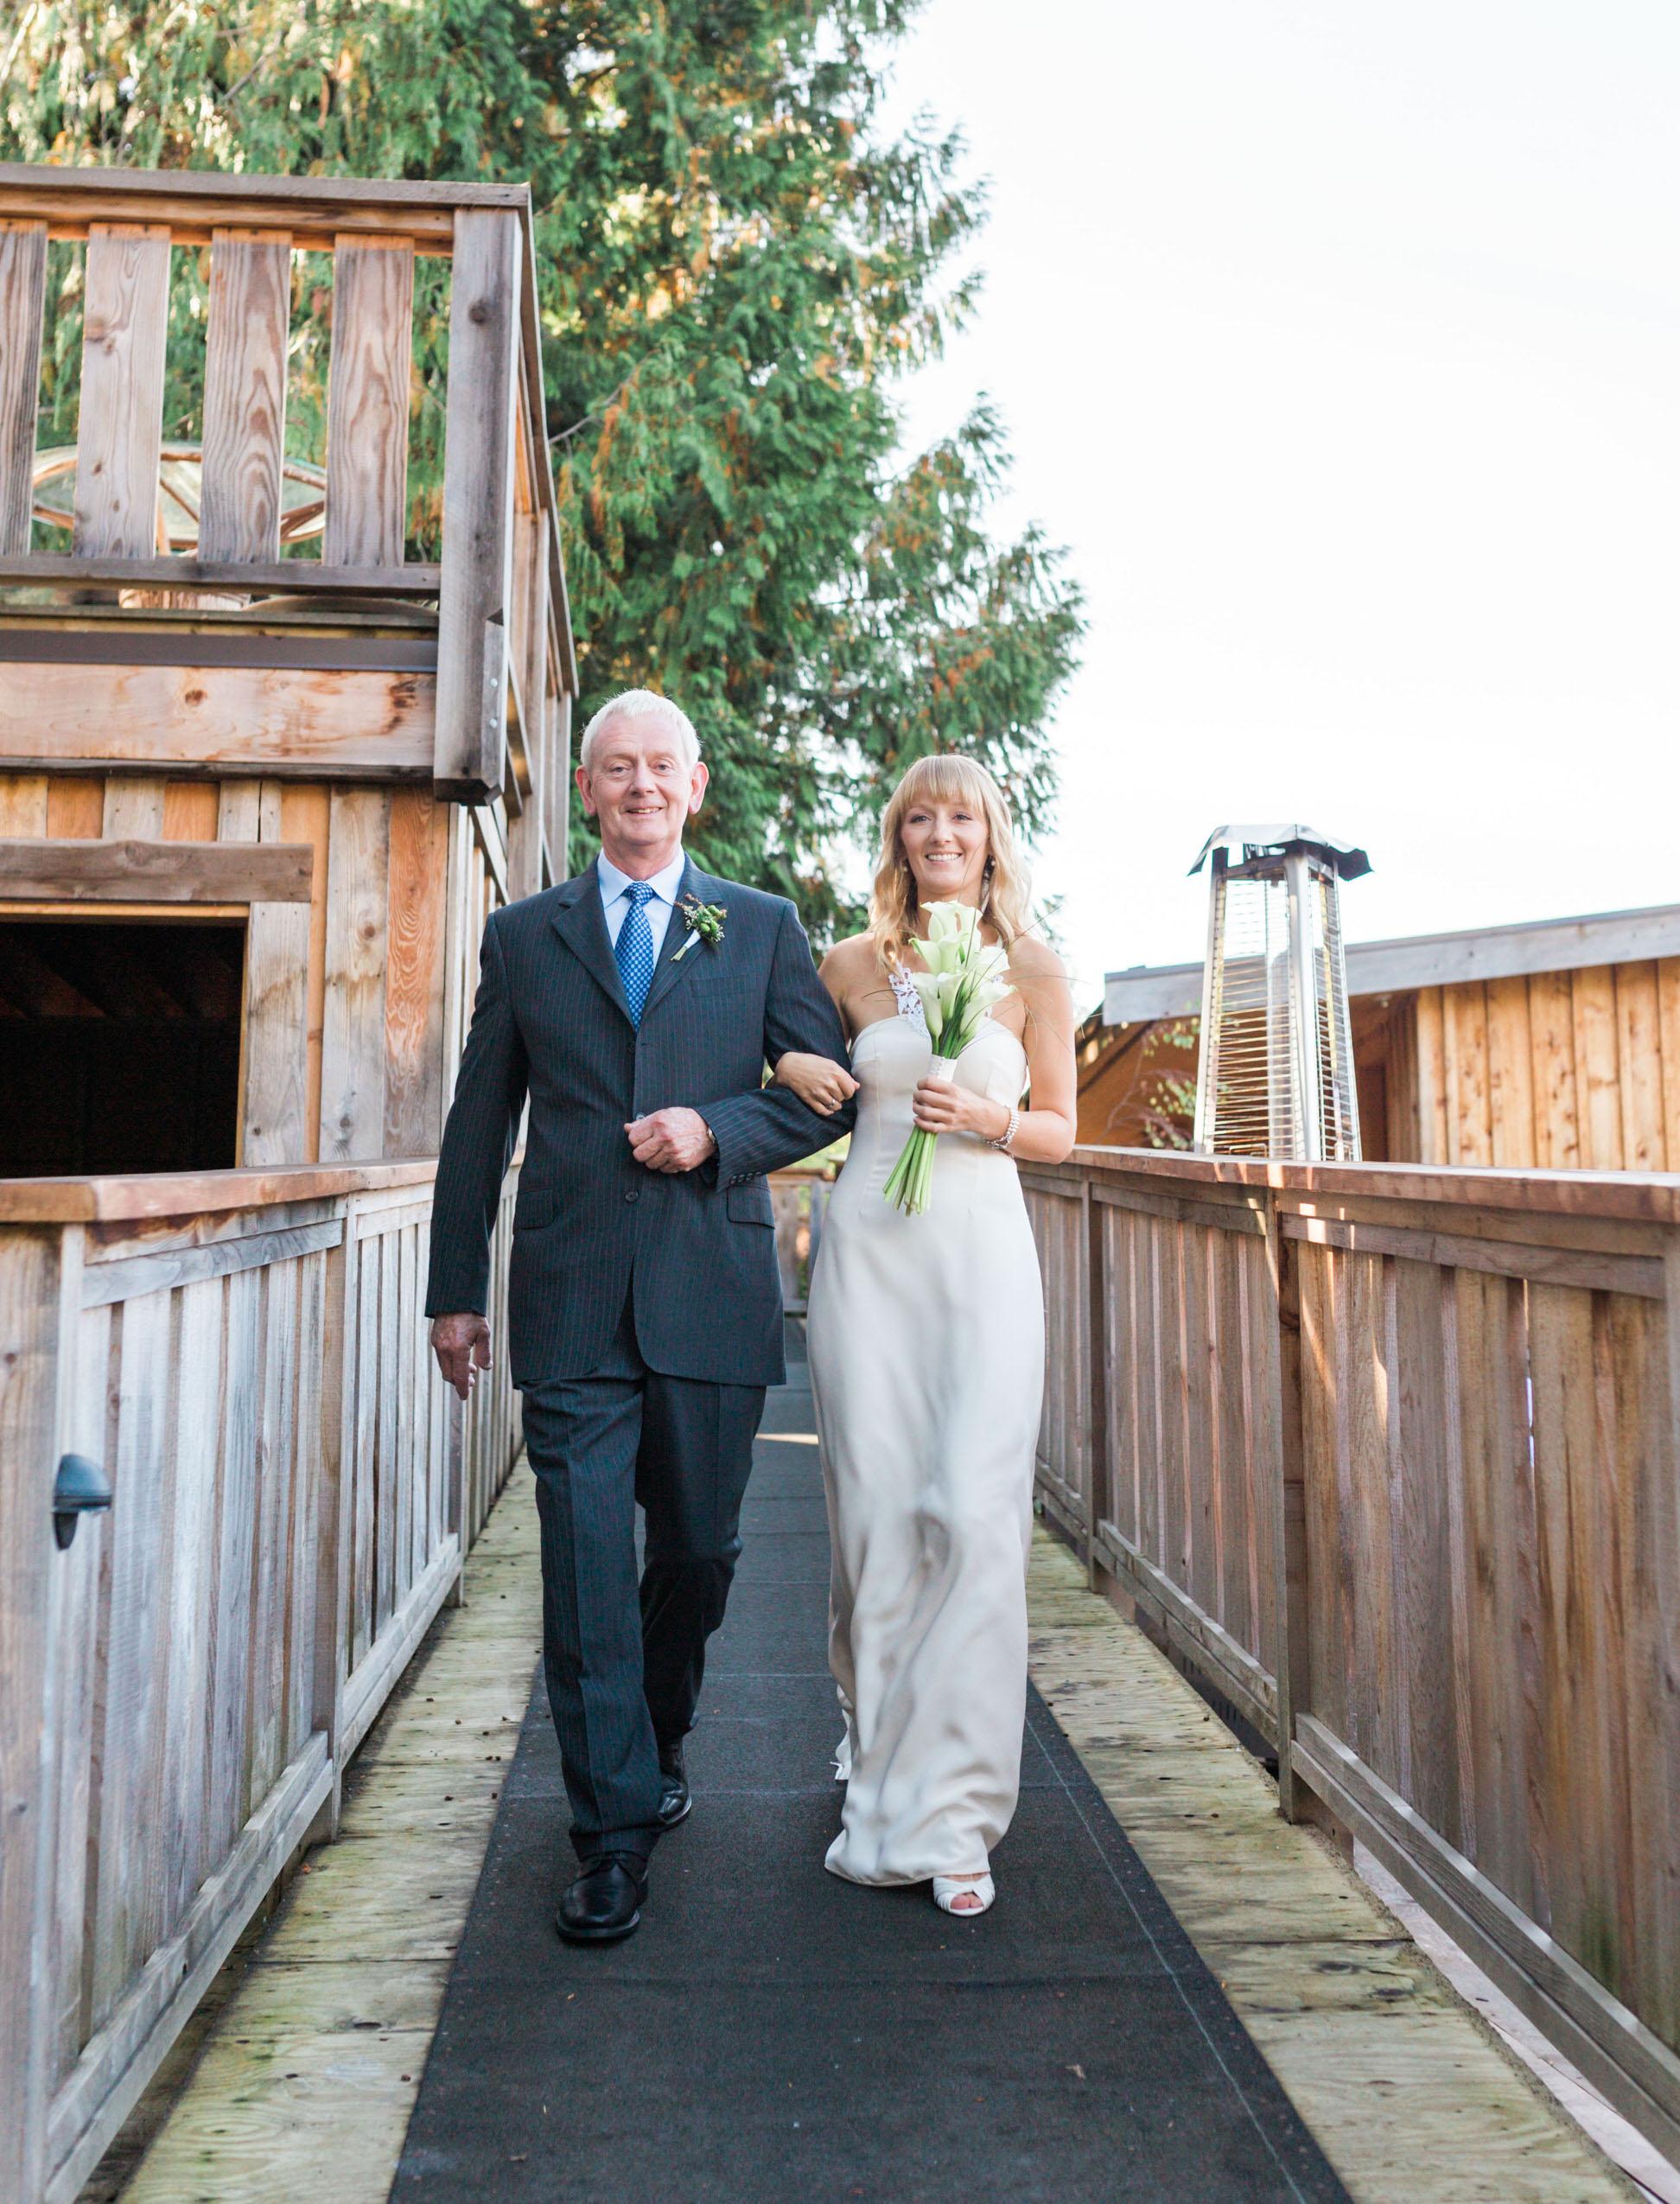 Sunshine Coast Wedding Photographer - Vancouver Wedding Photographer - West Coast Wilderness Lodge Wedding - Jennifer Picard Photography - IMG_6668.jpg